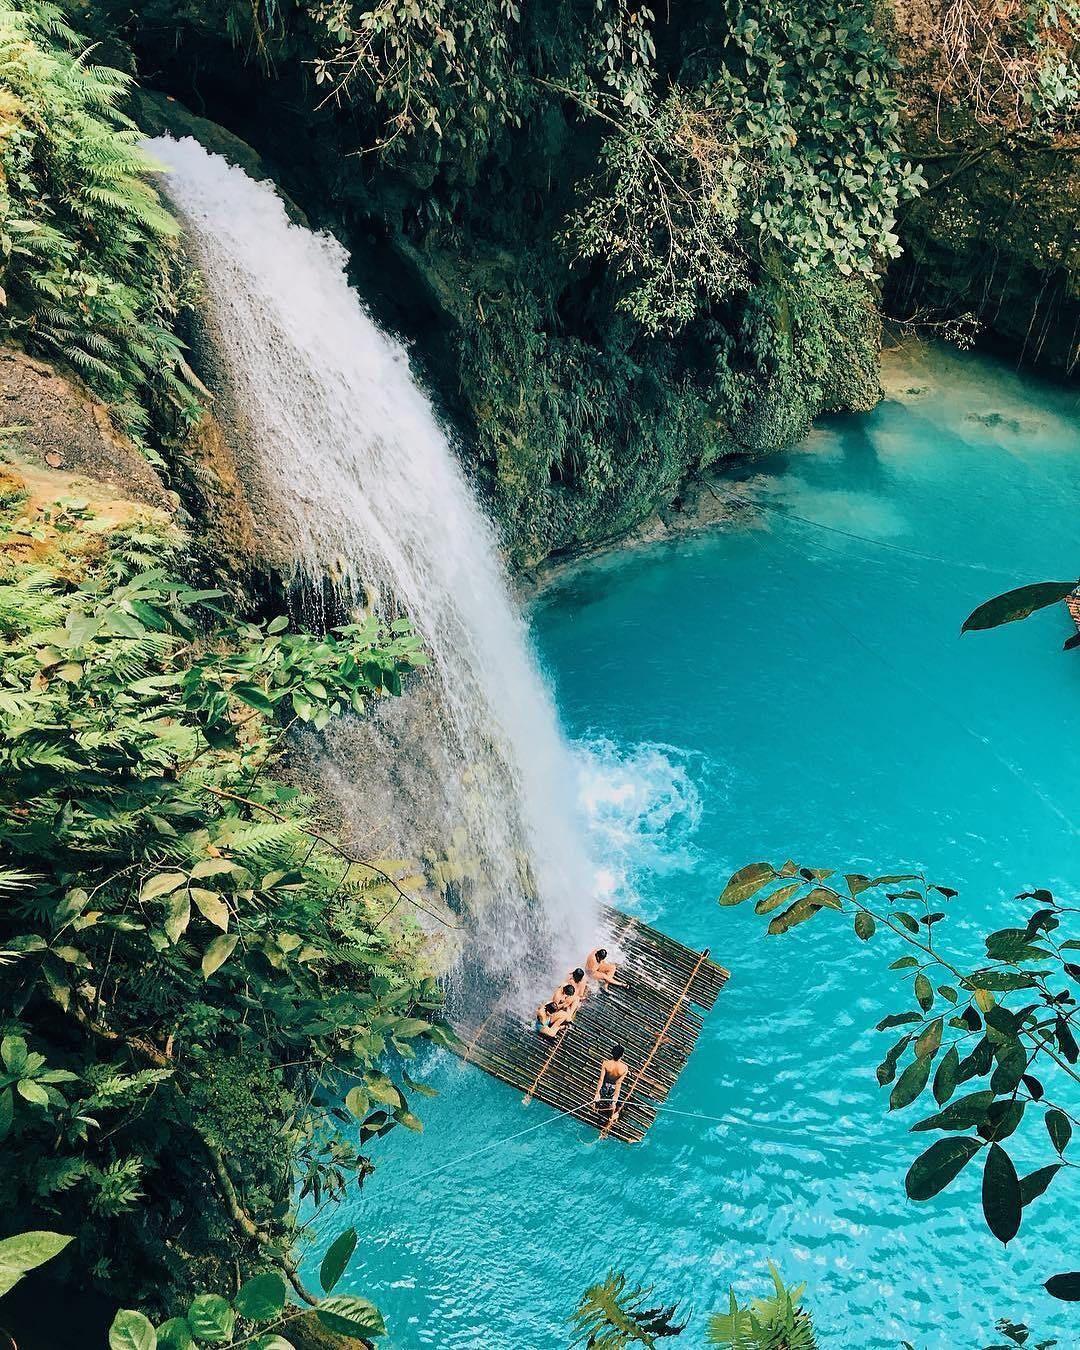 How To Get To Kawasan Falls Travel Guide Viajar A Filipinas Lugares Hermosos Y Lugares Preciosos